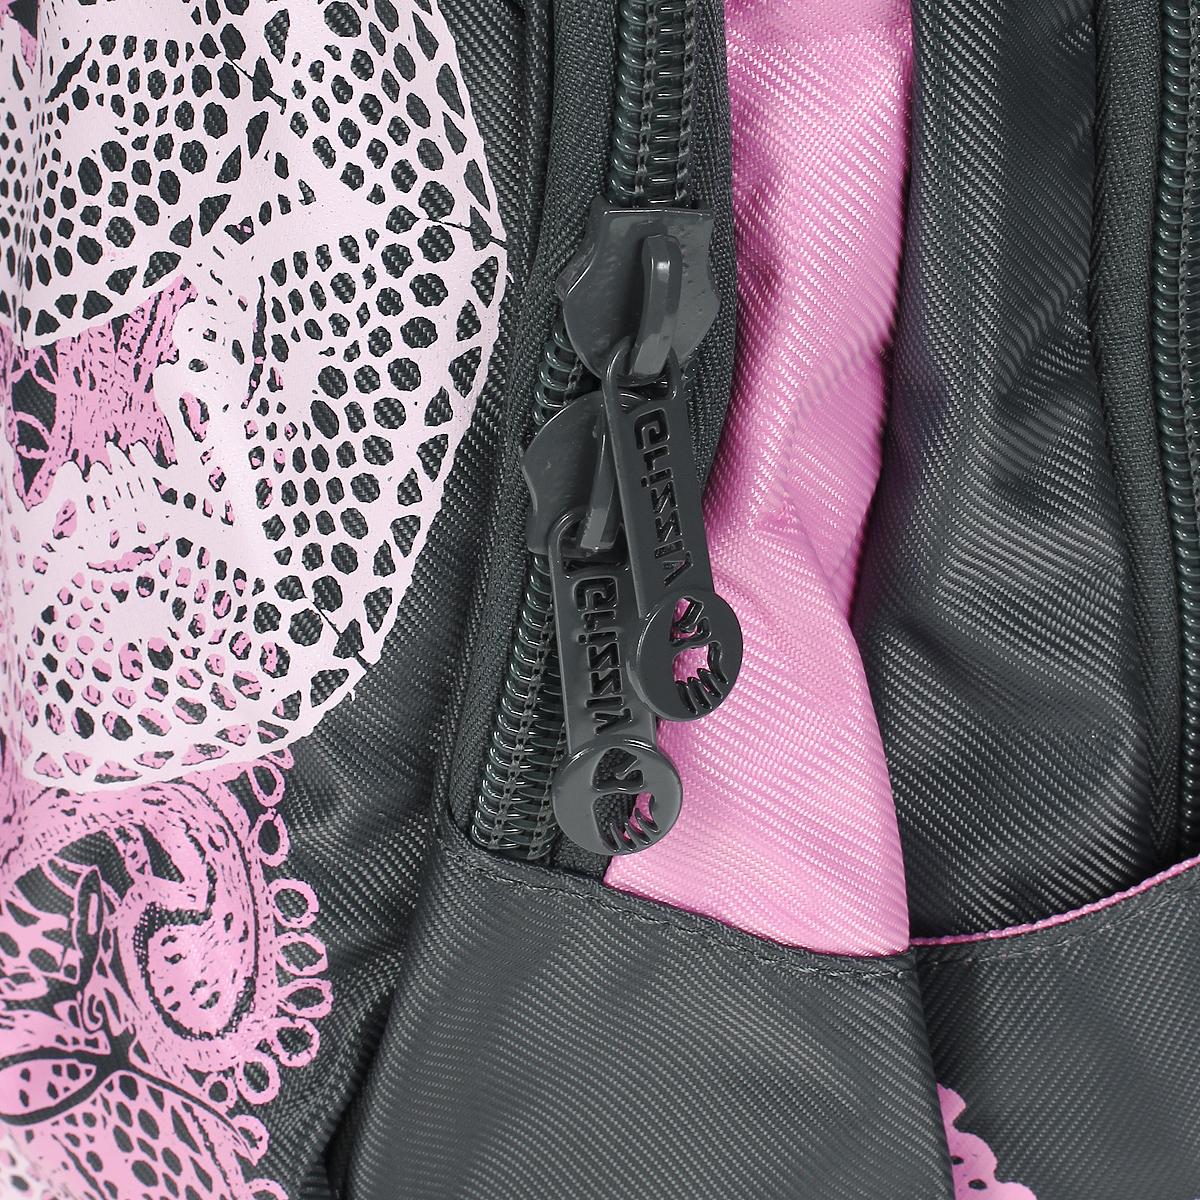 Рюкзак городской Grizzly, цвет: серый, розовый. RD-216-1 ( RD-216-1/2 311 серый )